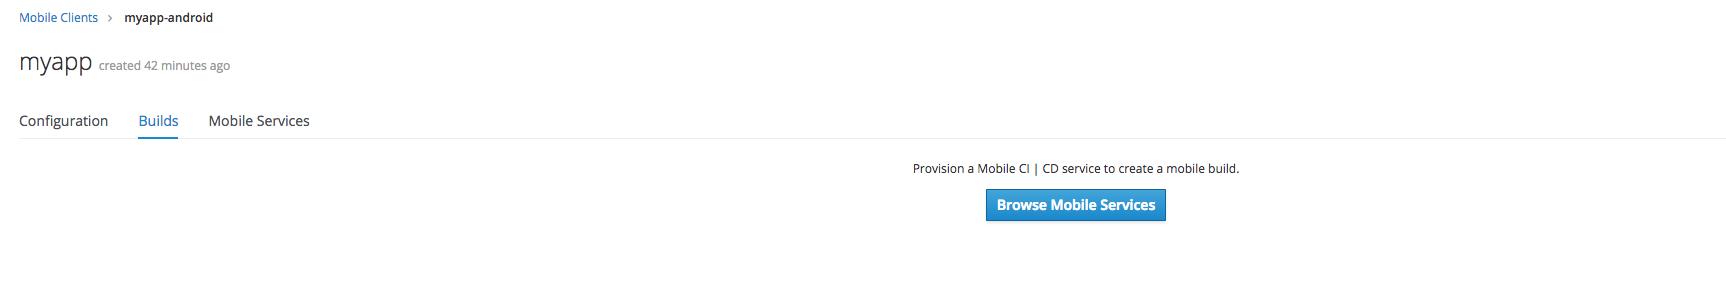 Mobile Developer Console :: AeroGear Mobile Services